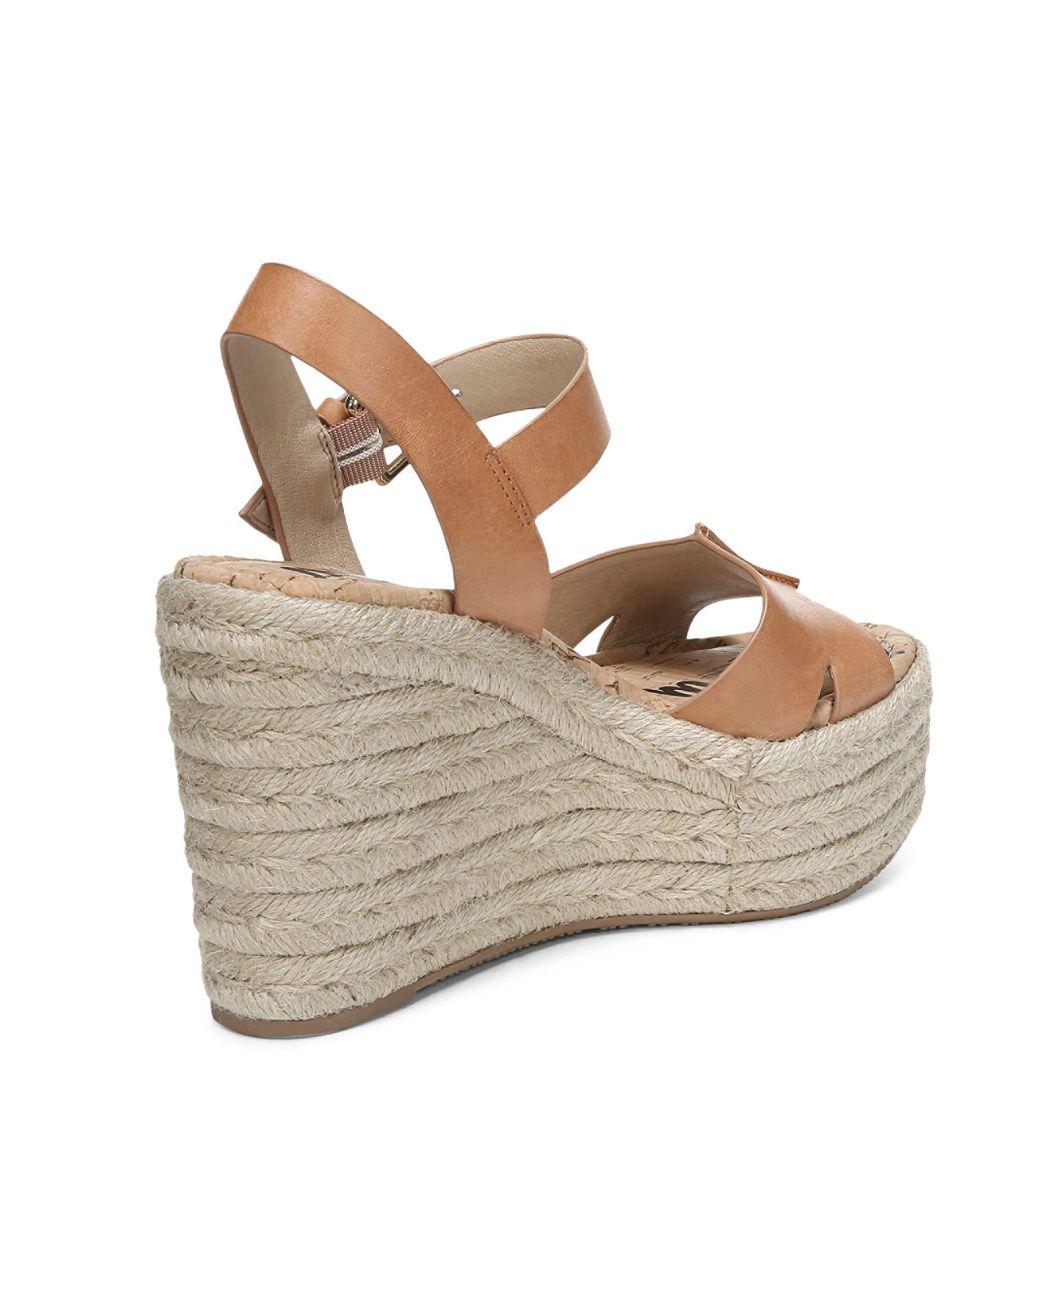 ef150e61d606 Lyst - Sam Edelman Women s Maura Espadrille Wedge Sandals in Brown